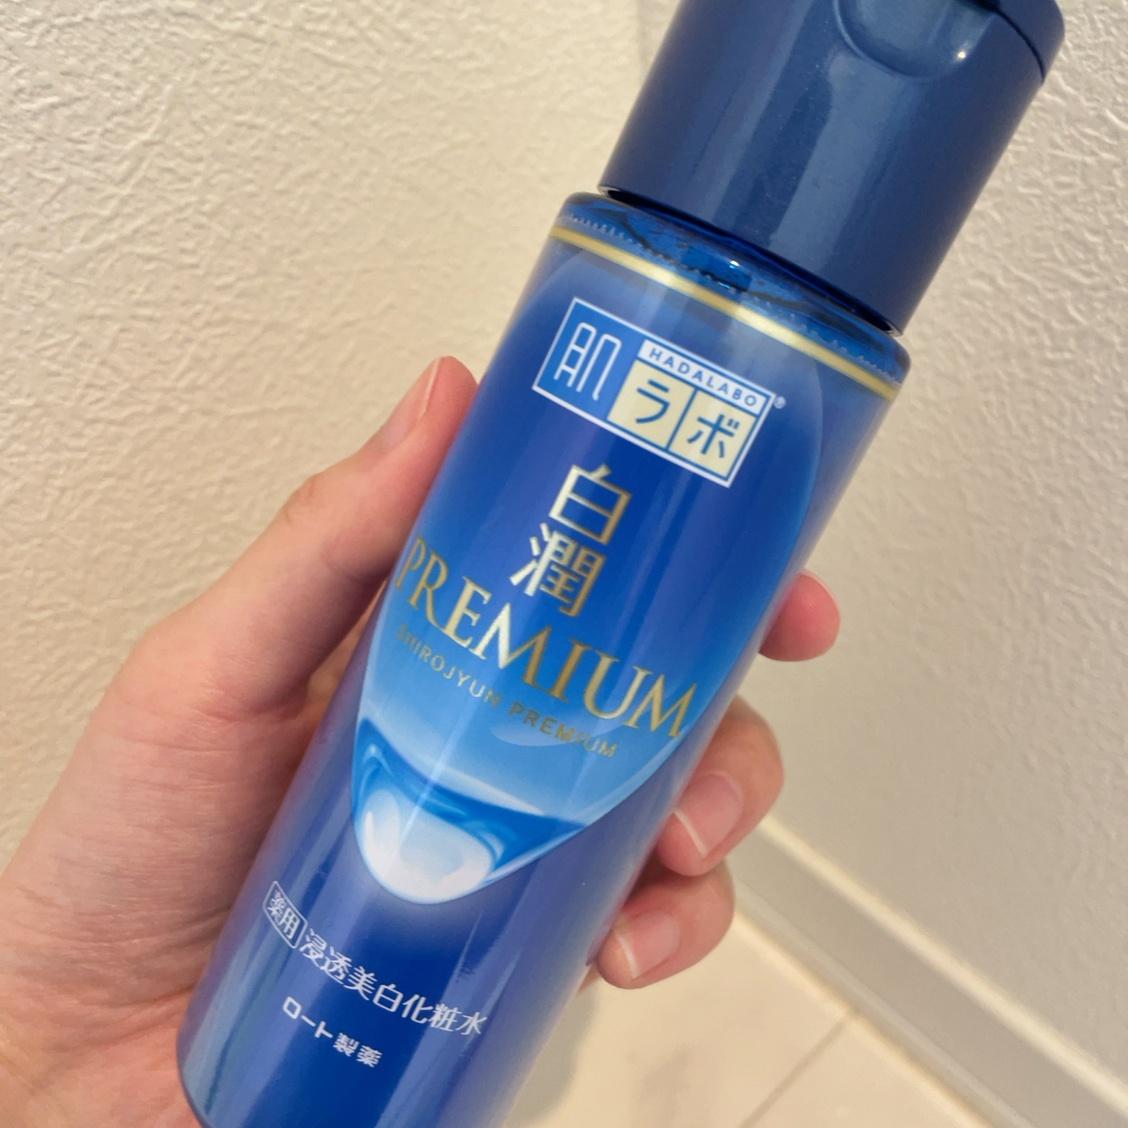 肌ラボ 白潤プレミアム 薬用浸透美白化粧水を使ったくまちんさんのクチコミ画像